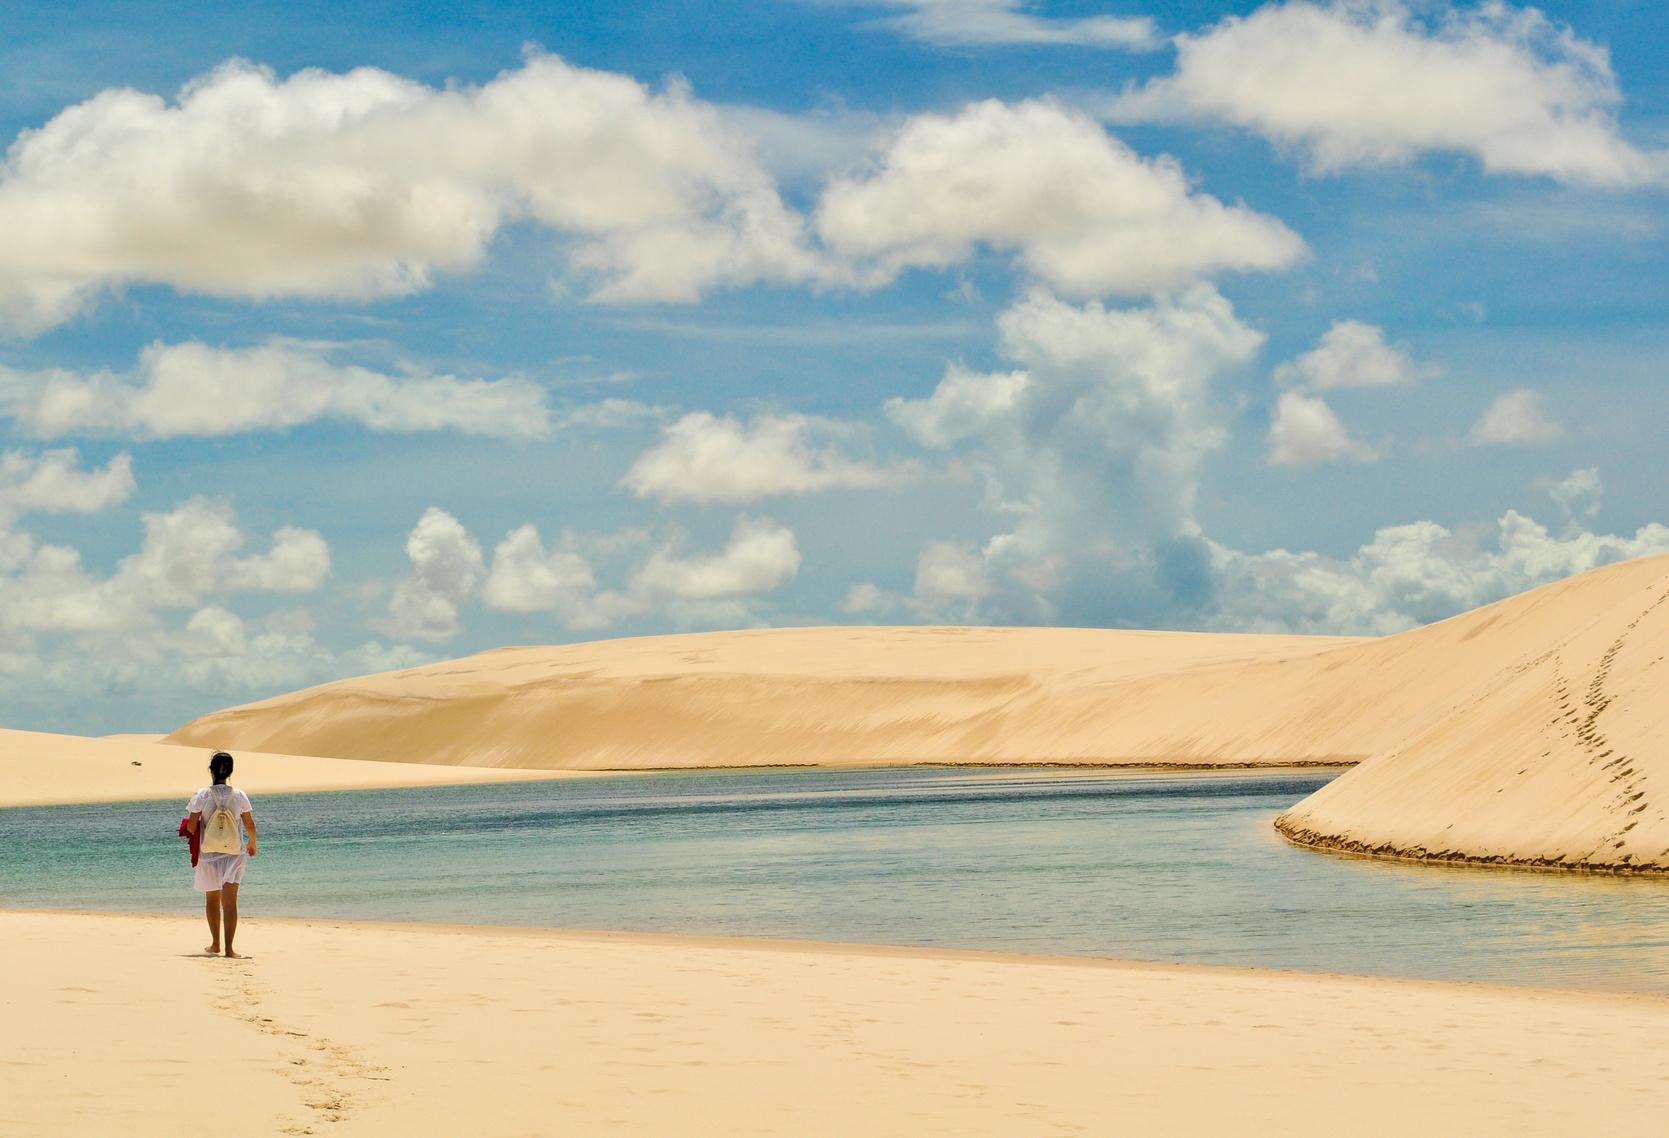 Se imagine correndo nessa paisagem maravilhosa? Imaginou? Você pode! | Foto: RonaldoMelo / Fotolia